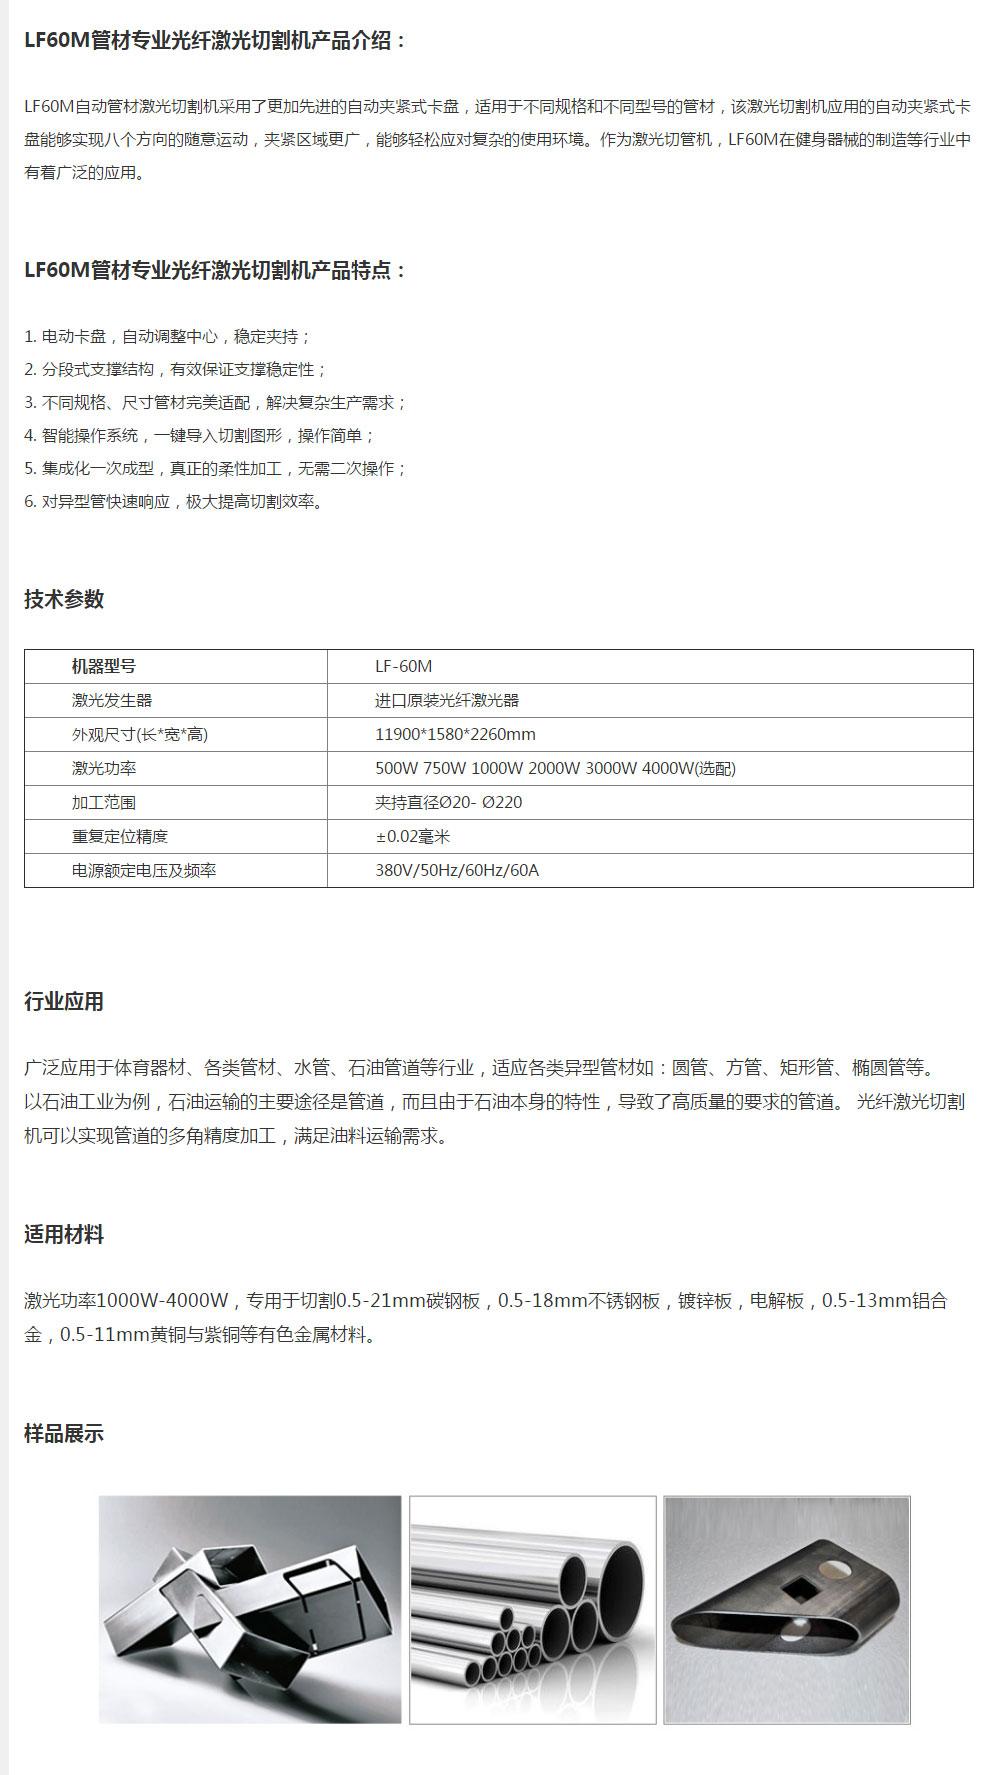 LF60M-管材专用光纤激光bwin手机网页说明.jpg